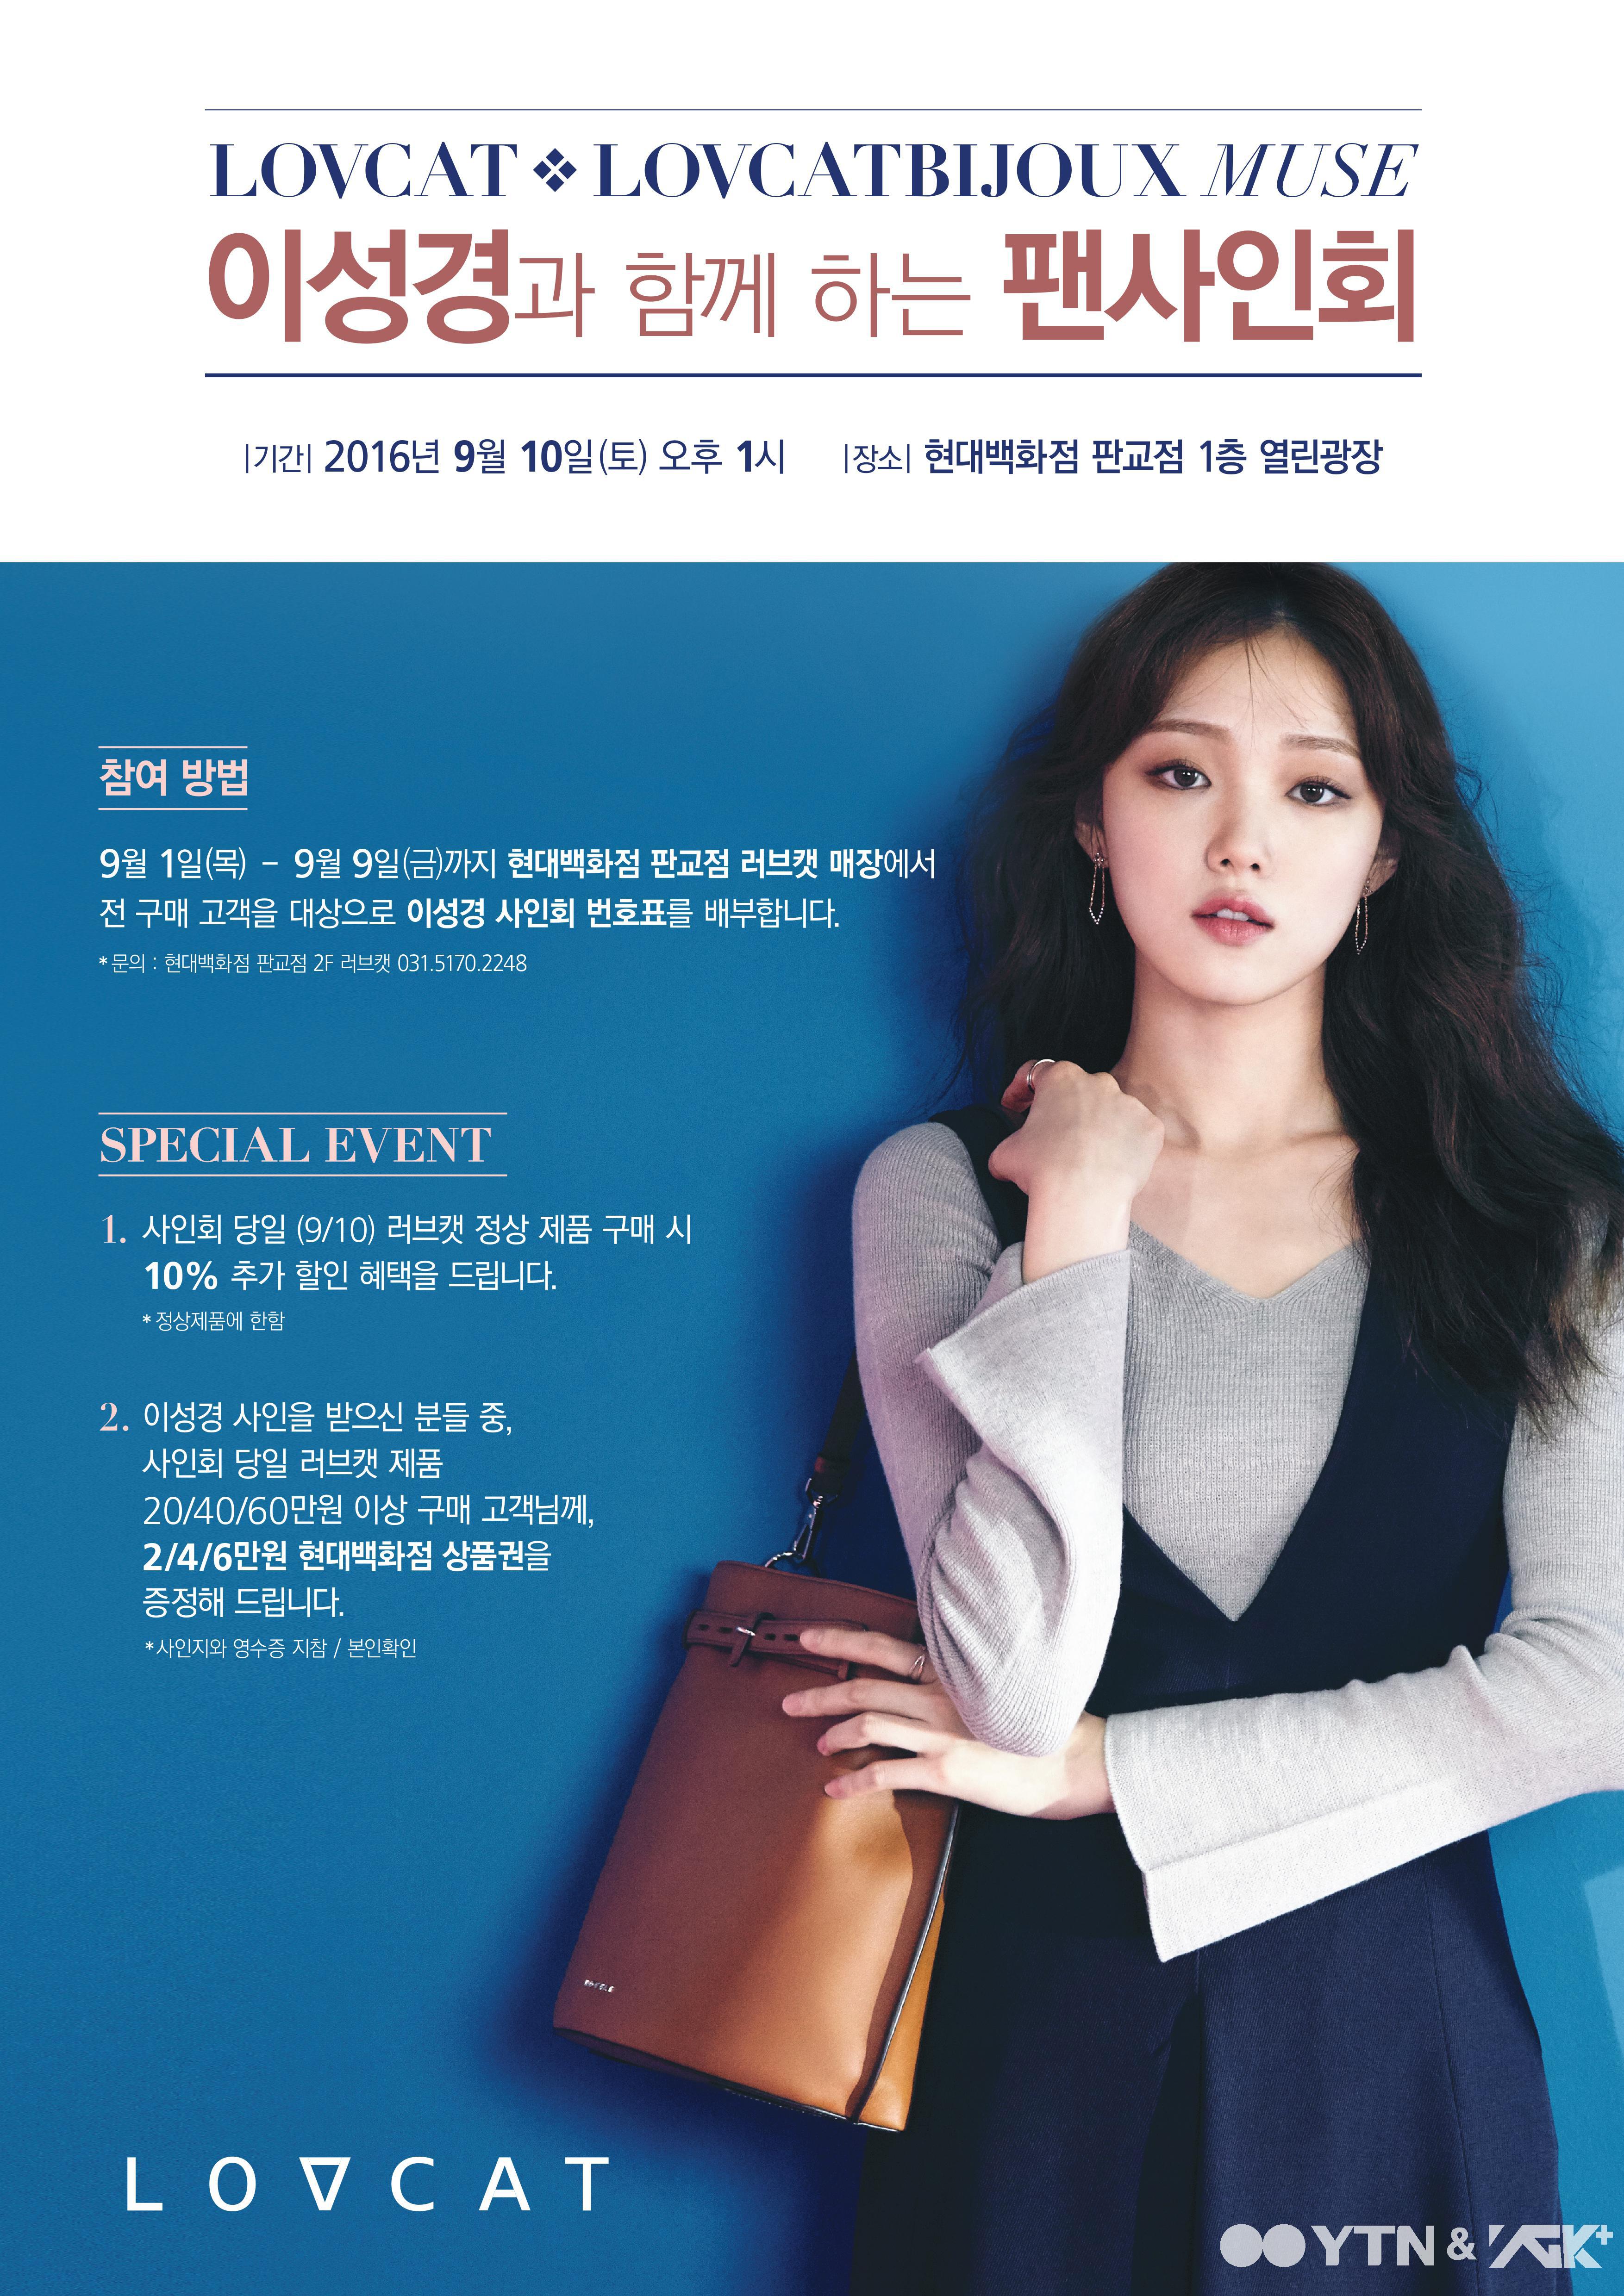 러브캣비쥬 뮤즈 이성경, 현대백화점 판교점 사인회 개최!